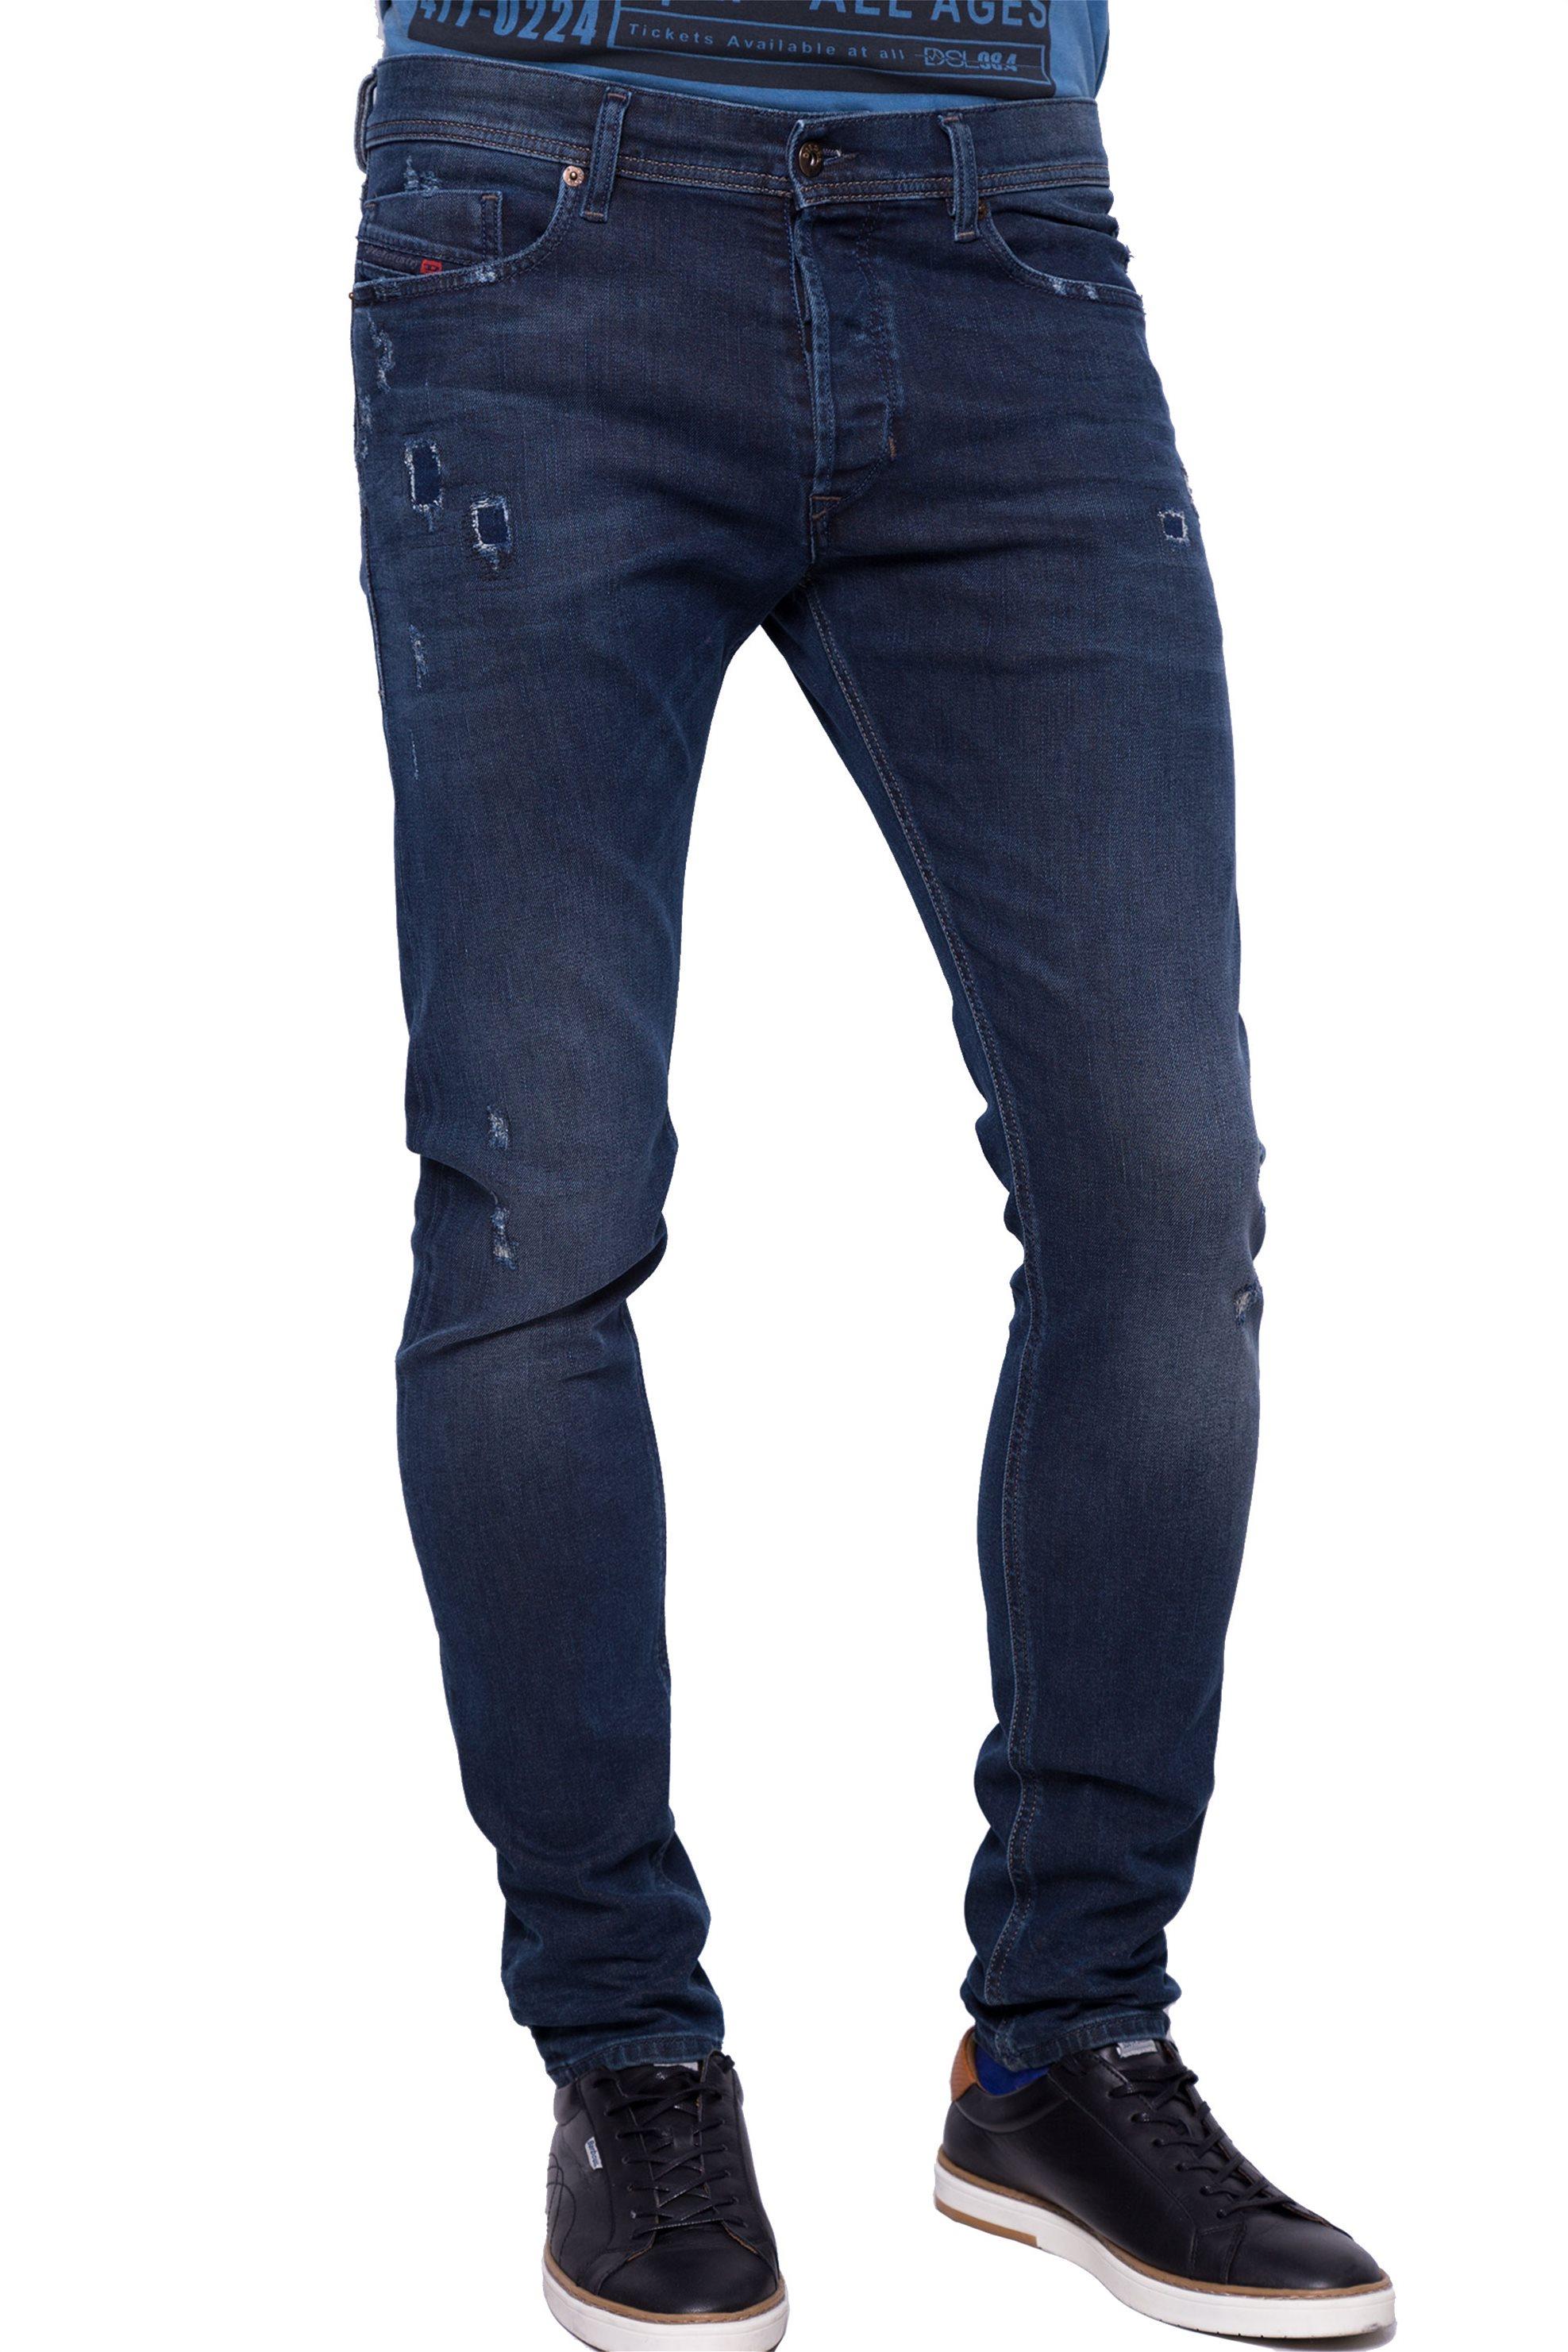 Ανδρικό παντελόνι Diesel - 00CKRI 084LD - Μπλε Σκούρο ανδρασ   ρουχα   jeans   tapered